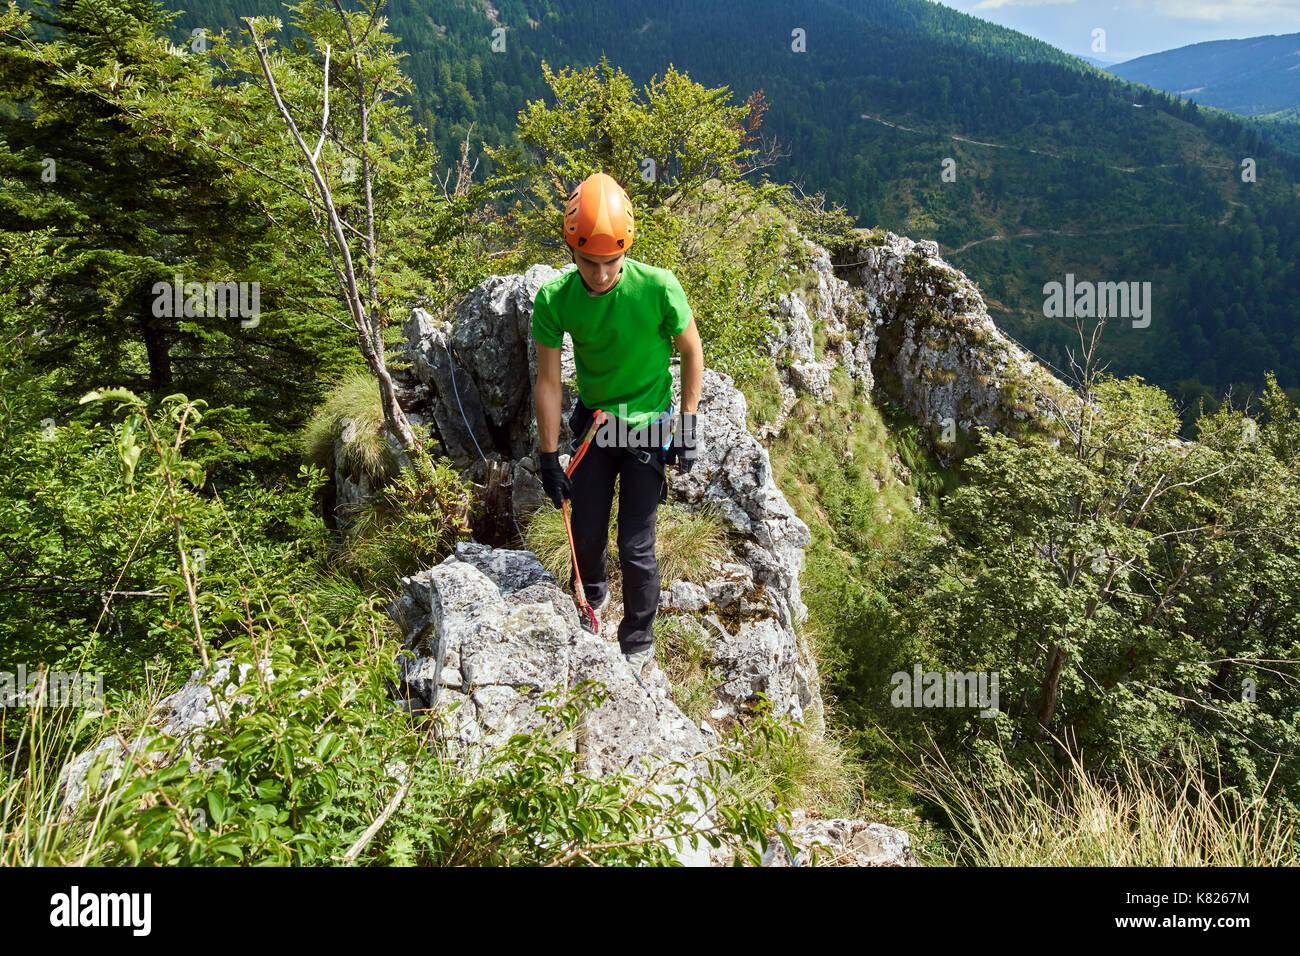 Klettersteig Hessen : Junge klettern am klettersteig route stockfoto bild